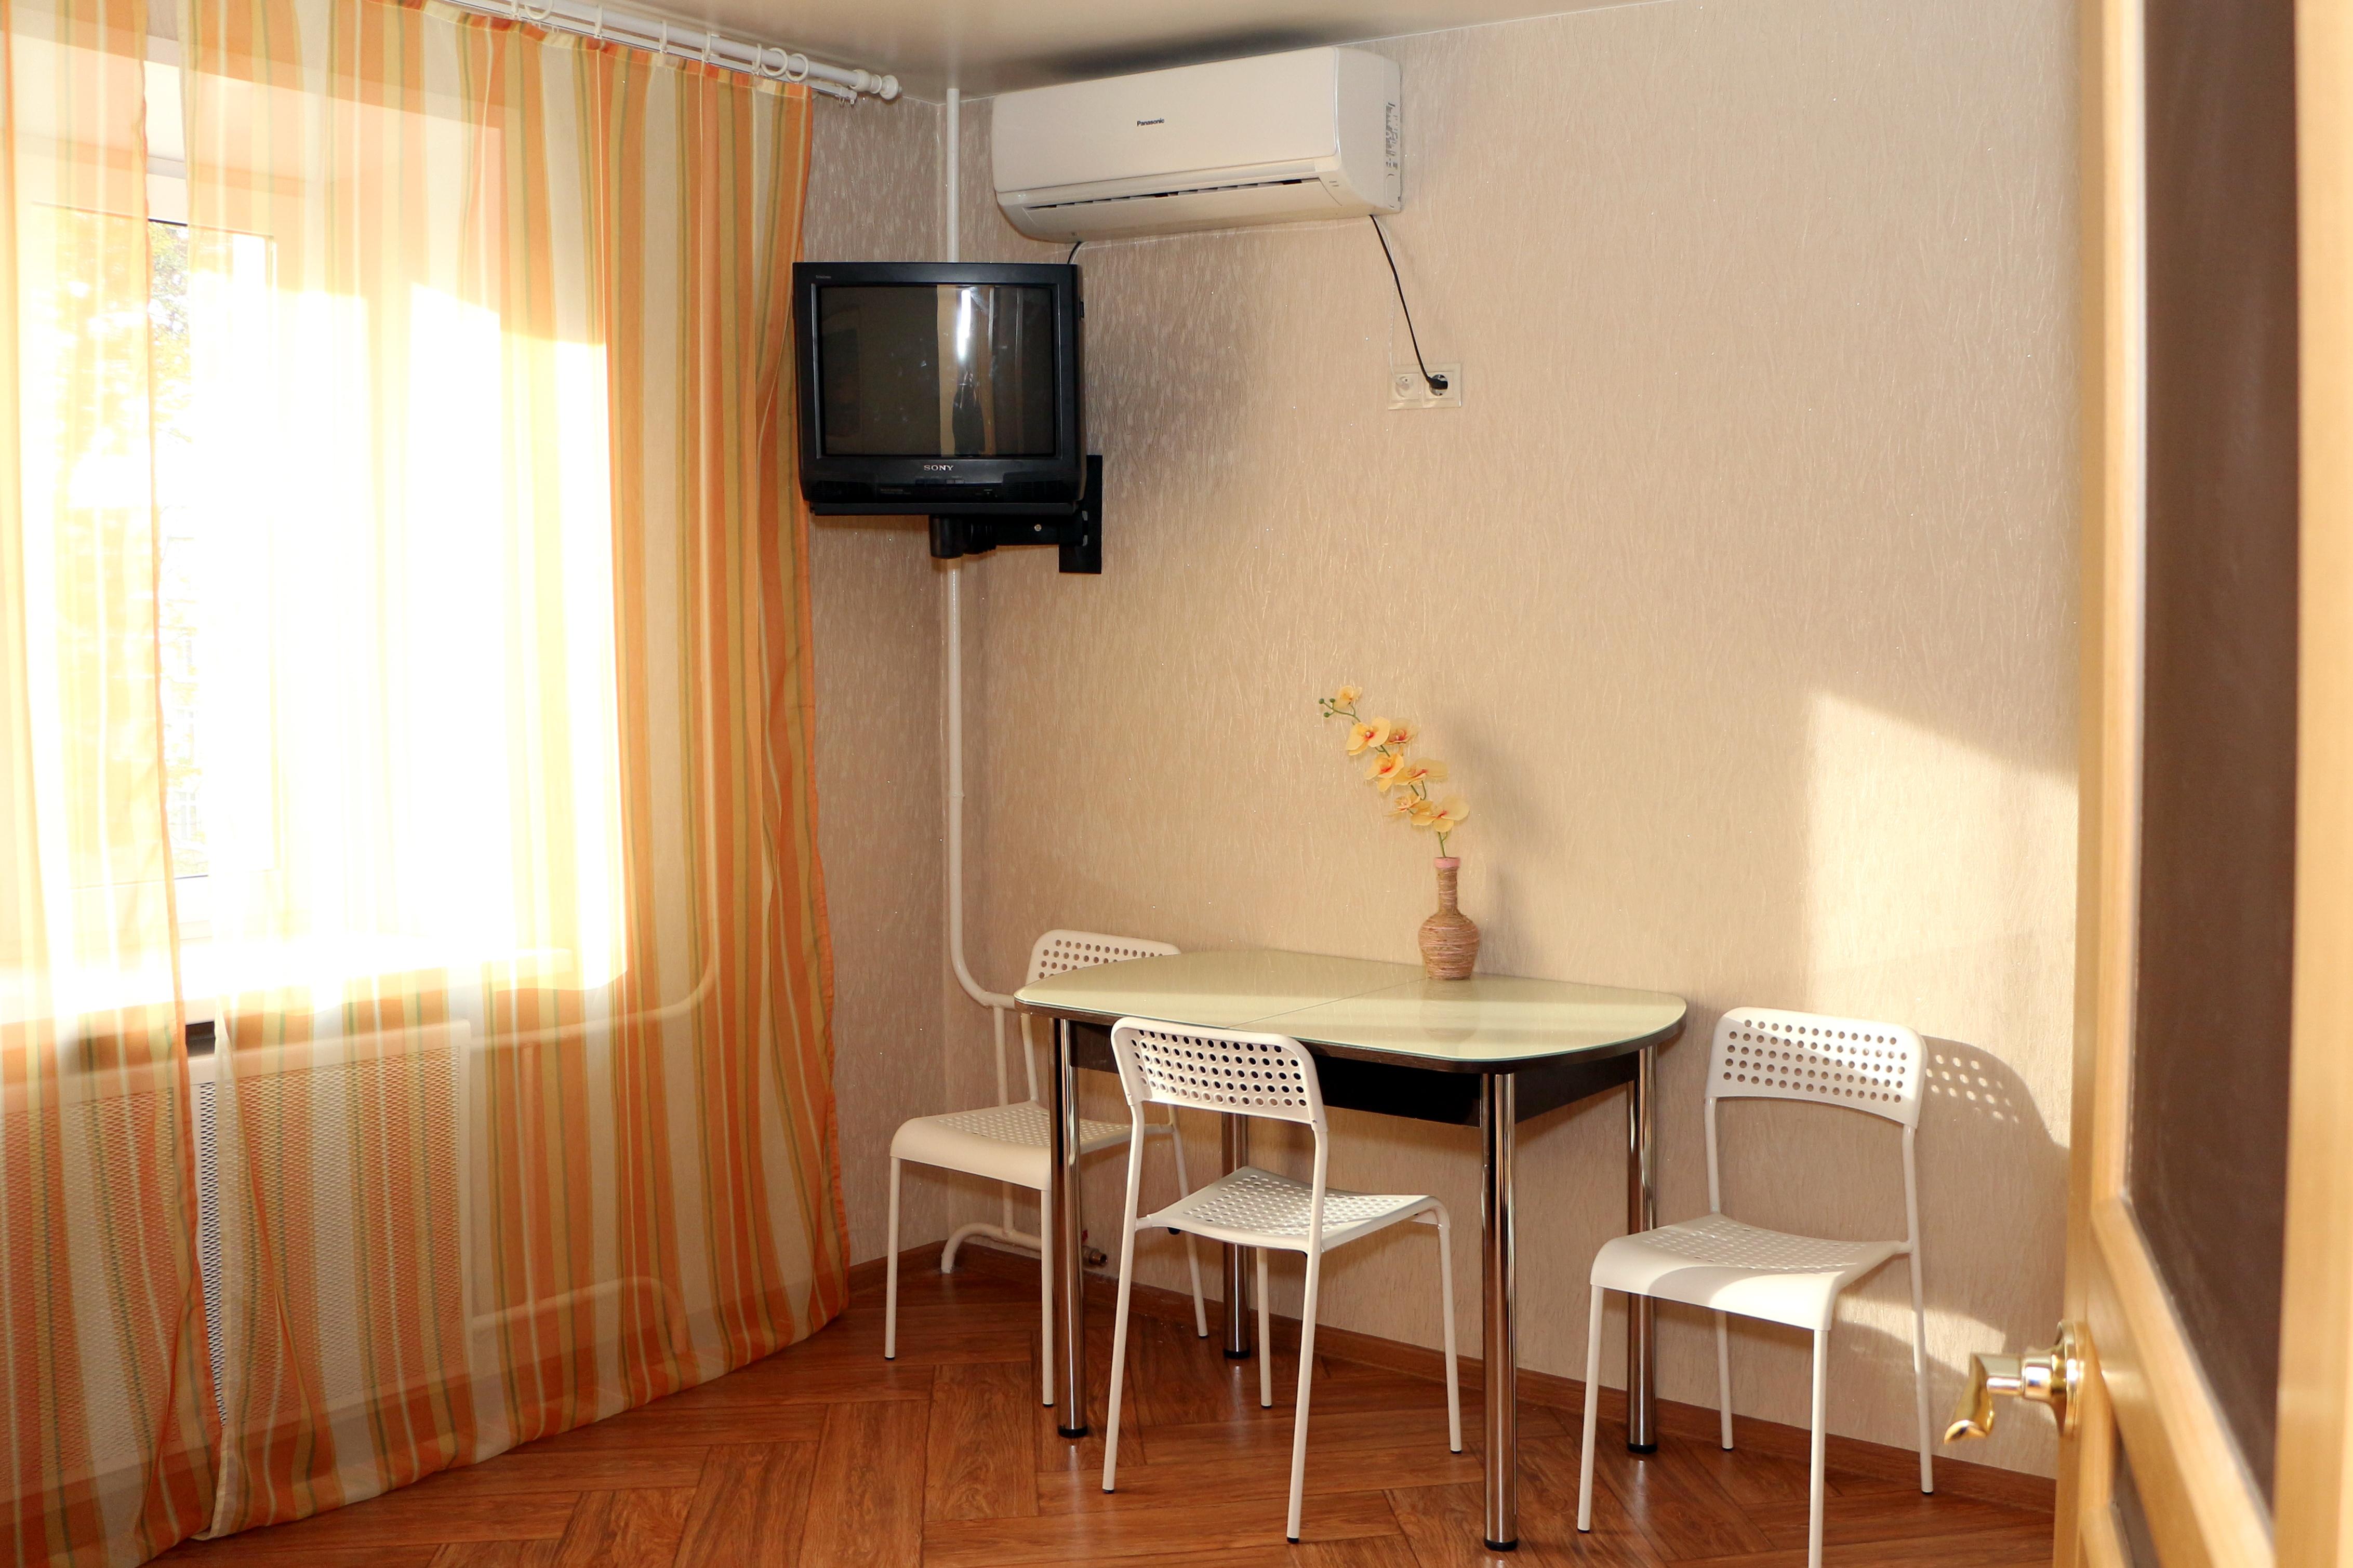 1 Zimmer Apartment mit Kcke und Balkon in Ulyanovsk sehr zentral